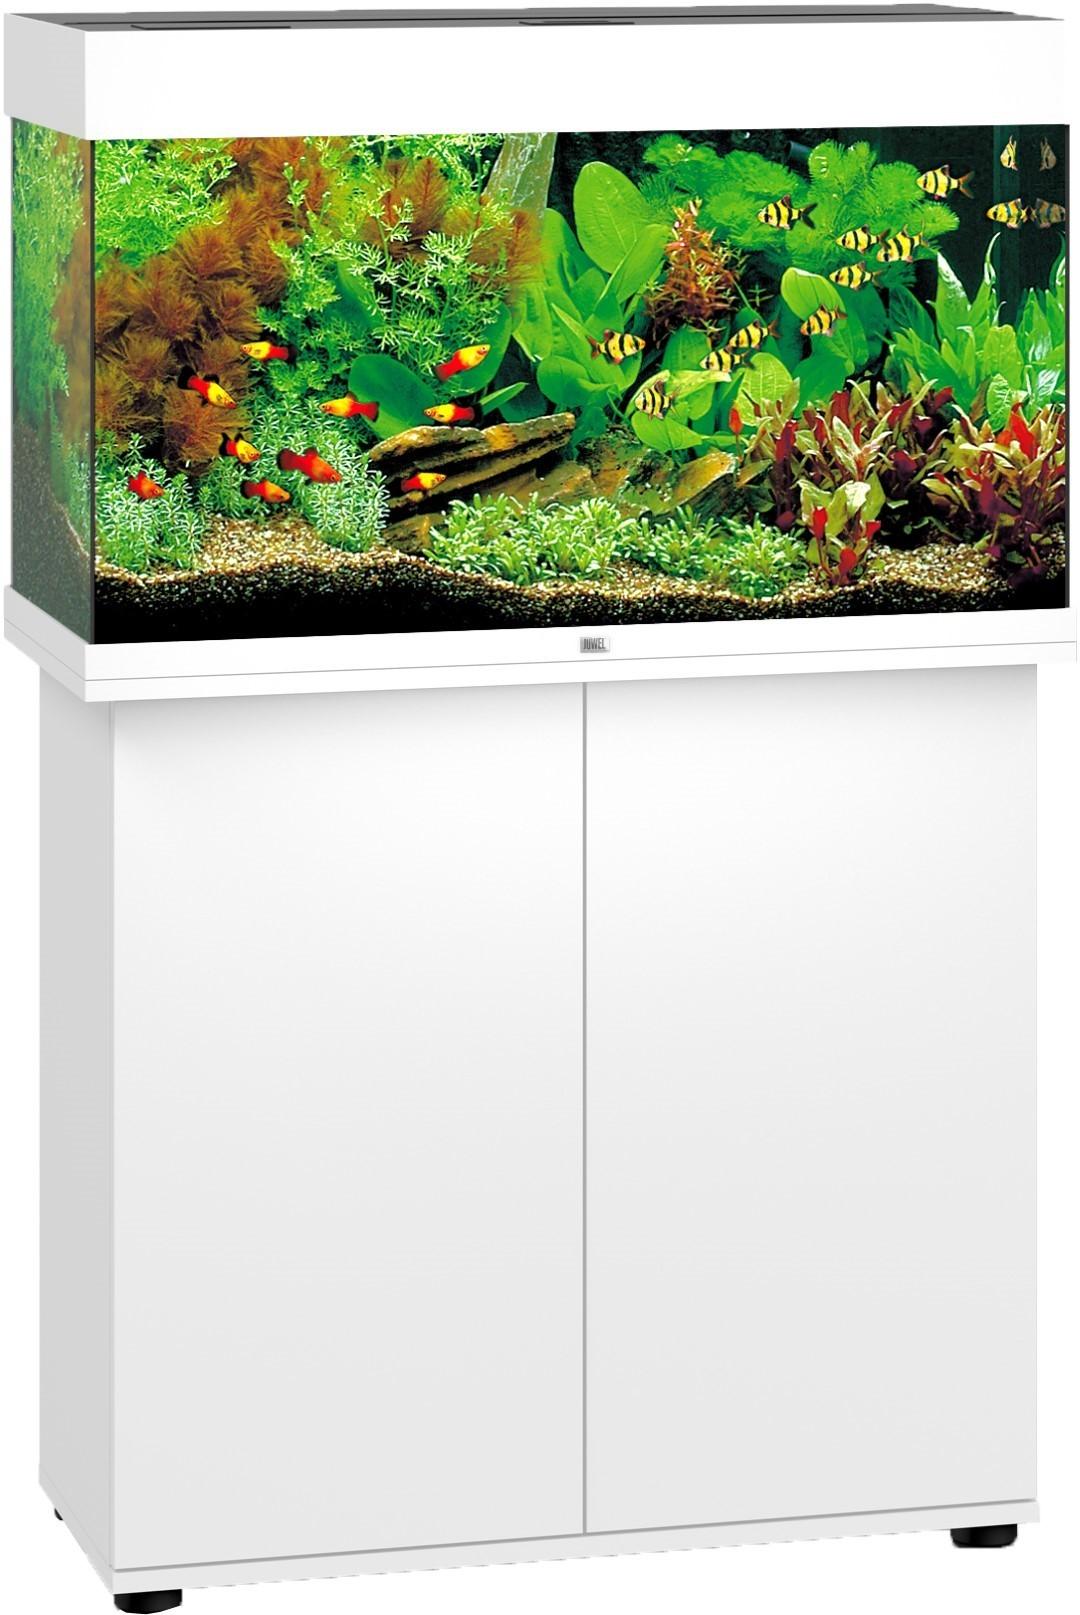 Juwel aquarium Rio 125 LED met filter wit